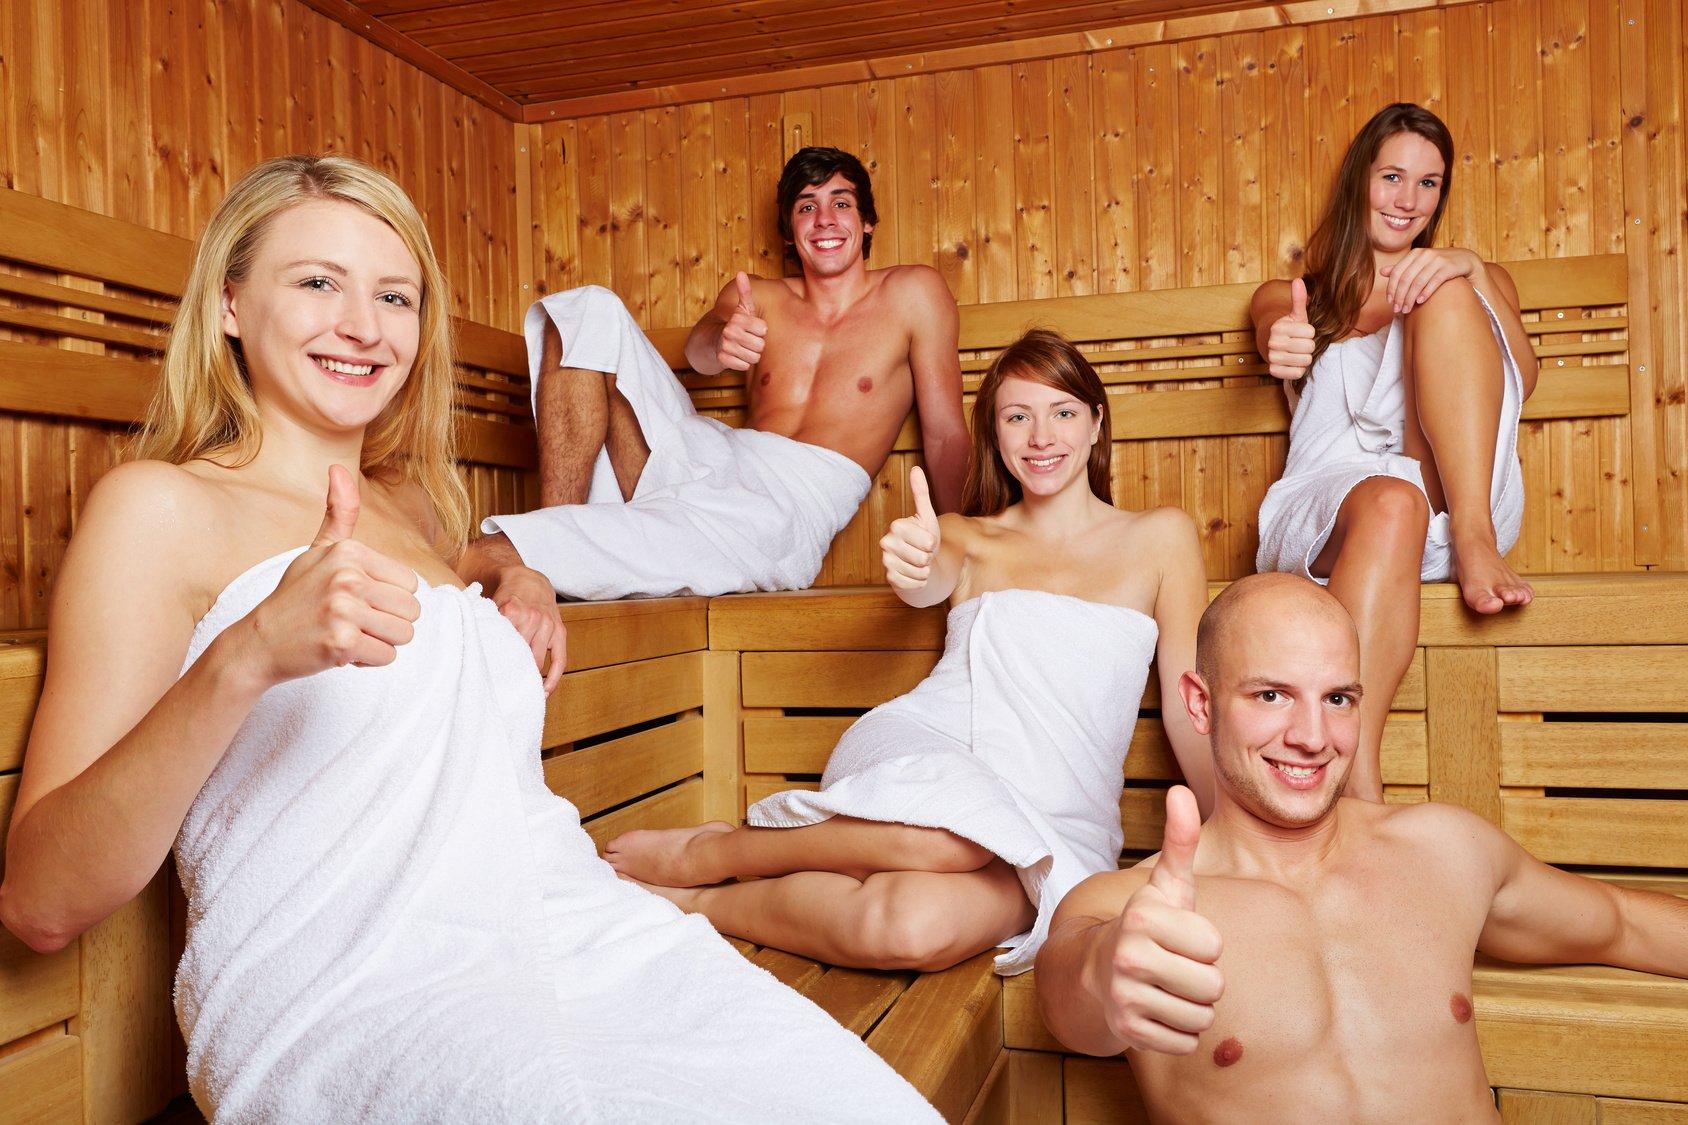 обойтись фото в бане с друзьями съемка ебут